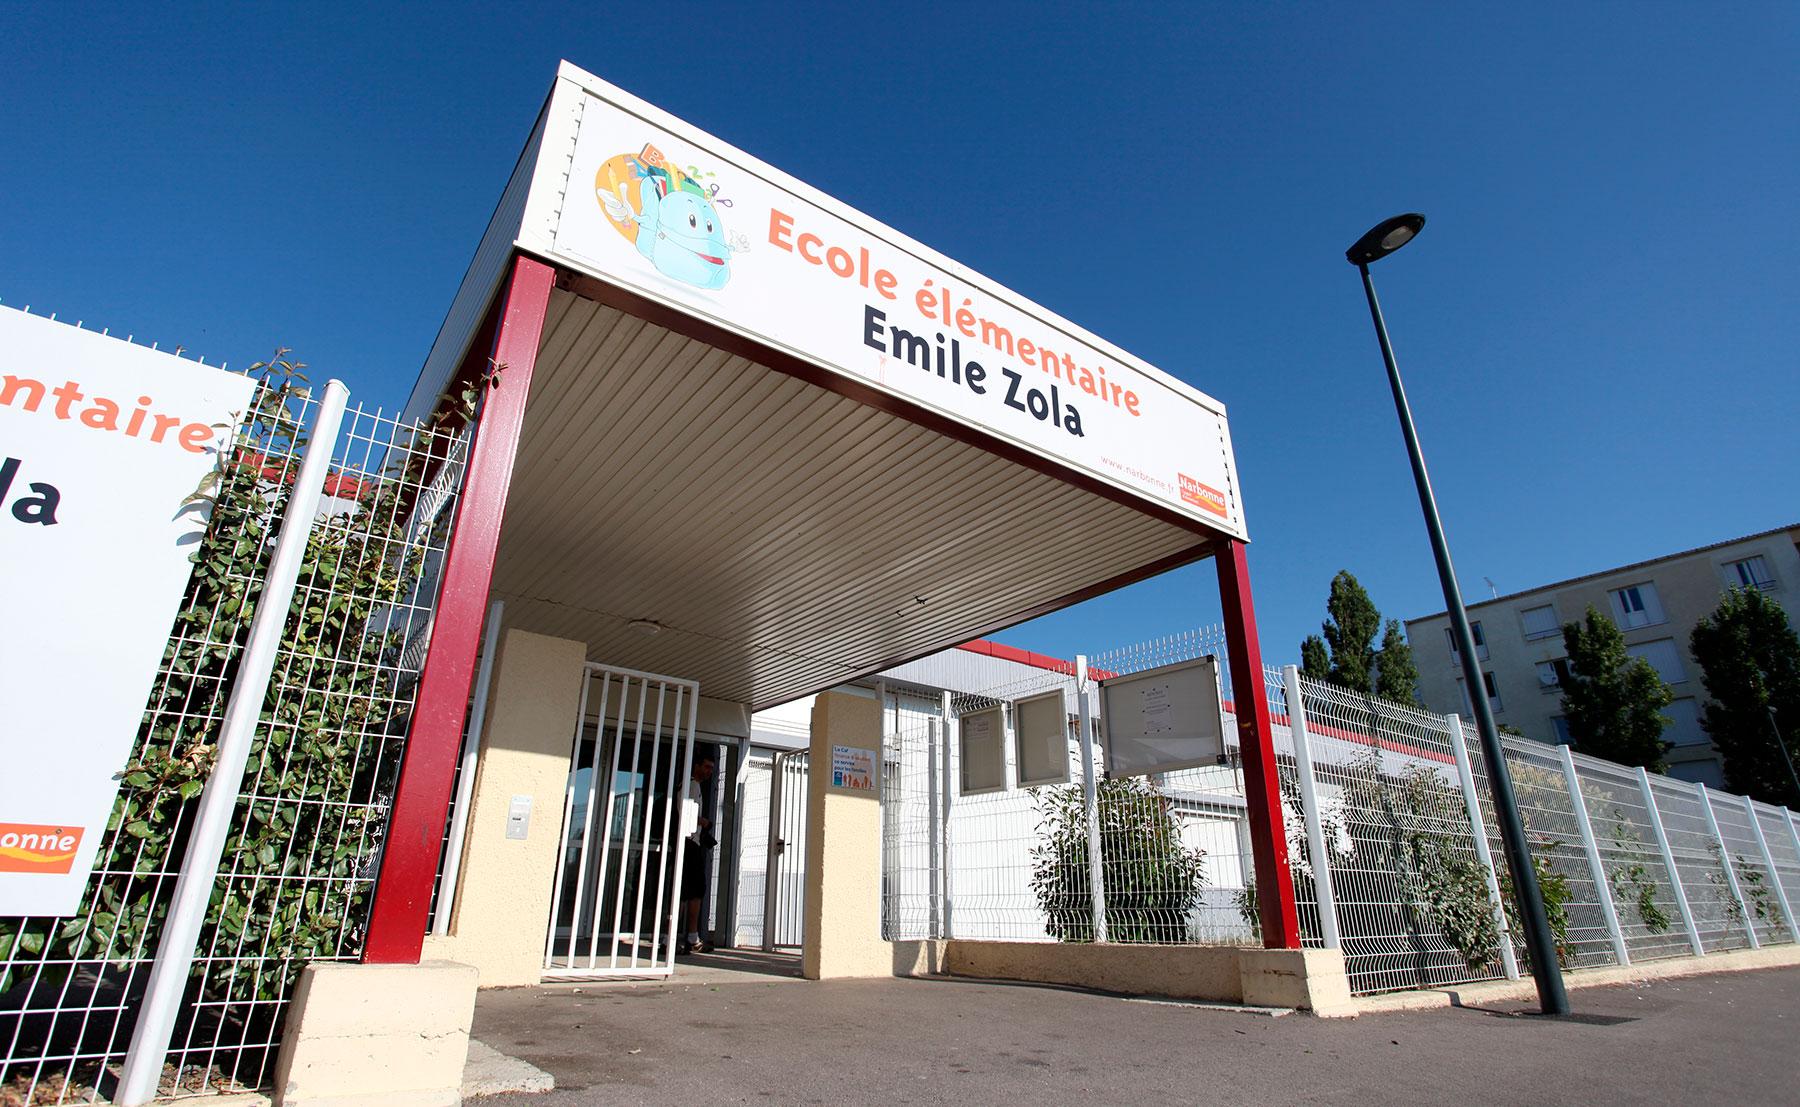 École Émile Zola